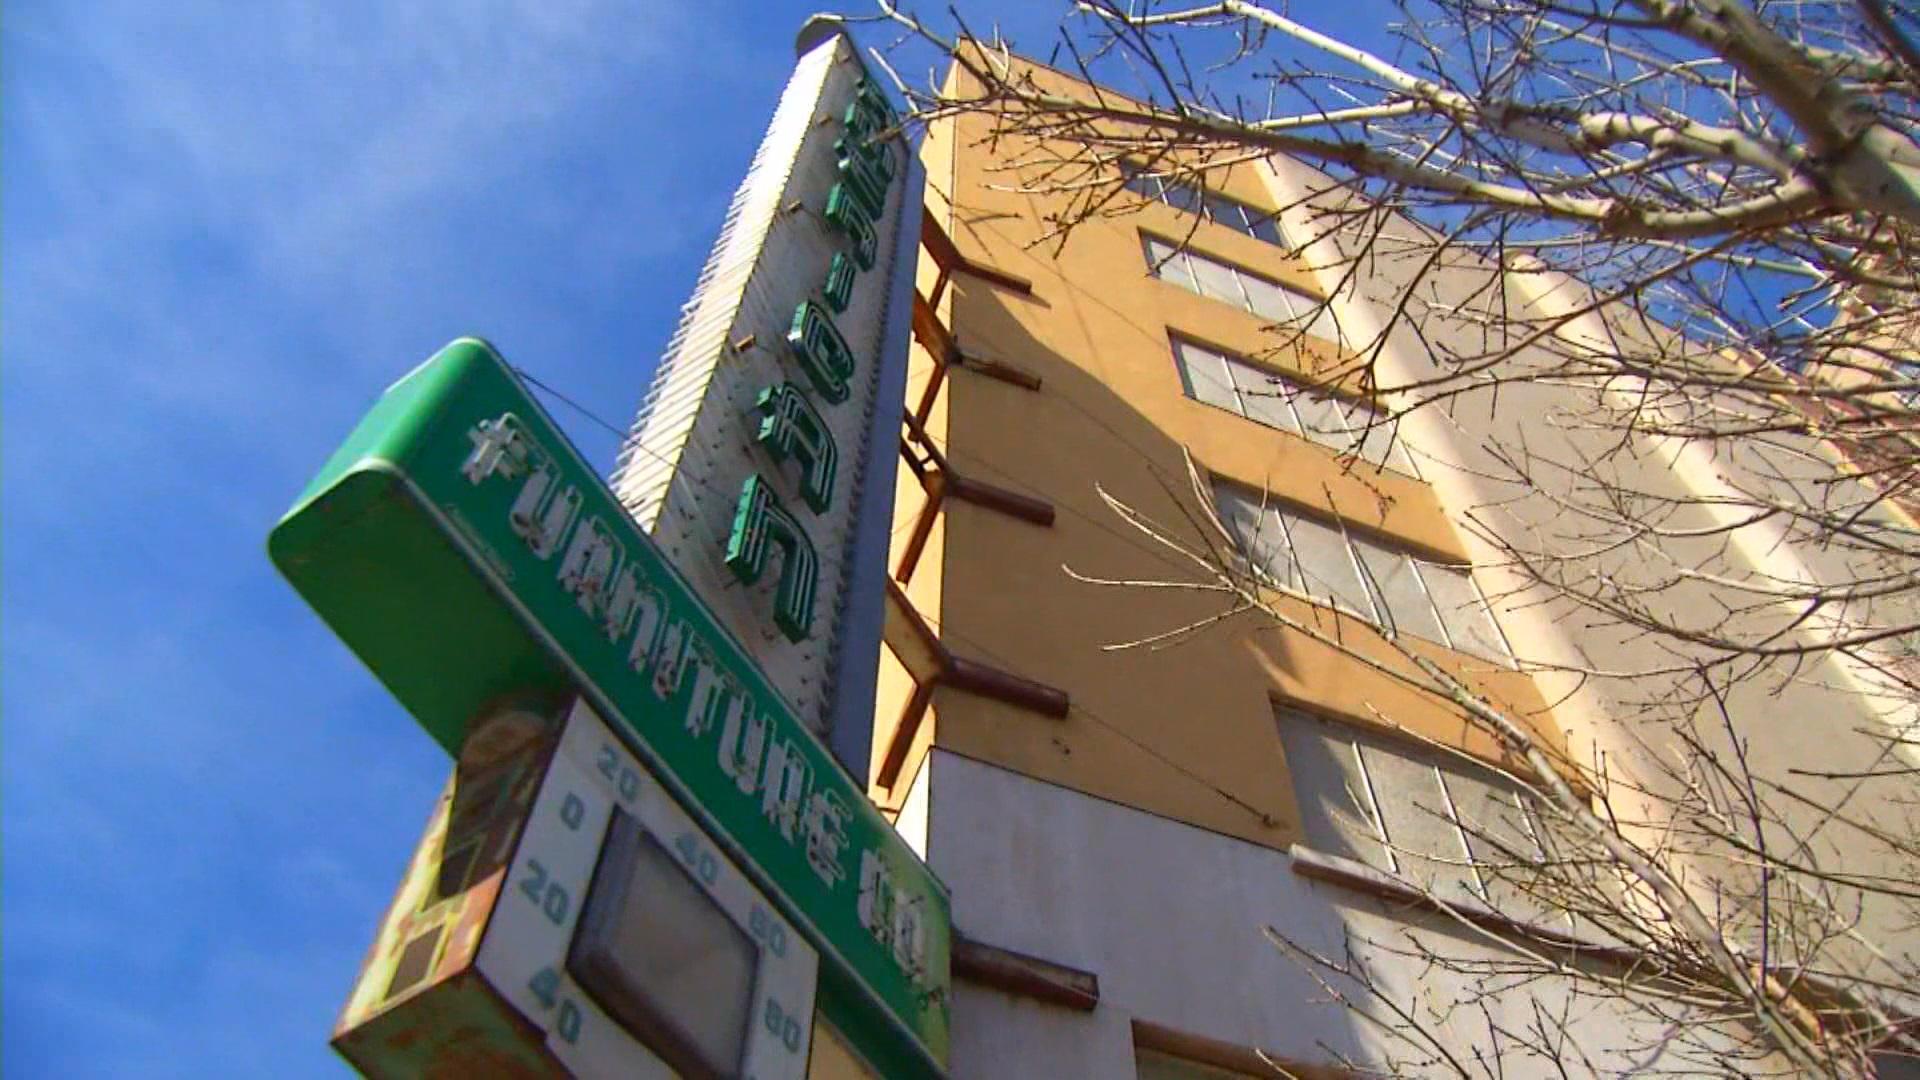 American Furniture Building_1526923981864.jpg.jpg